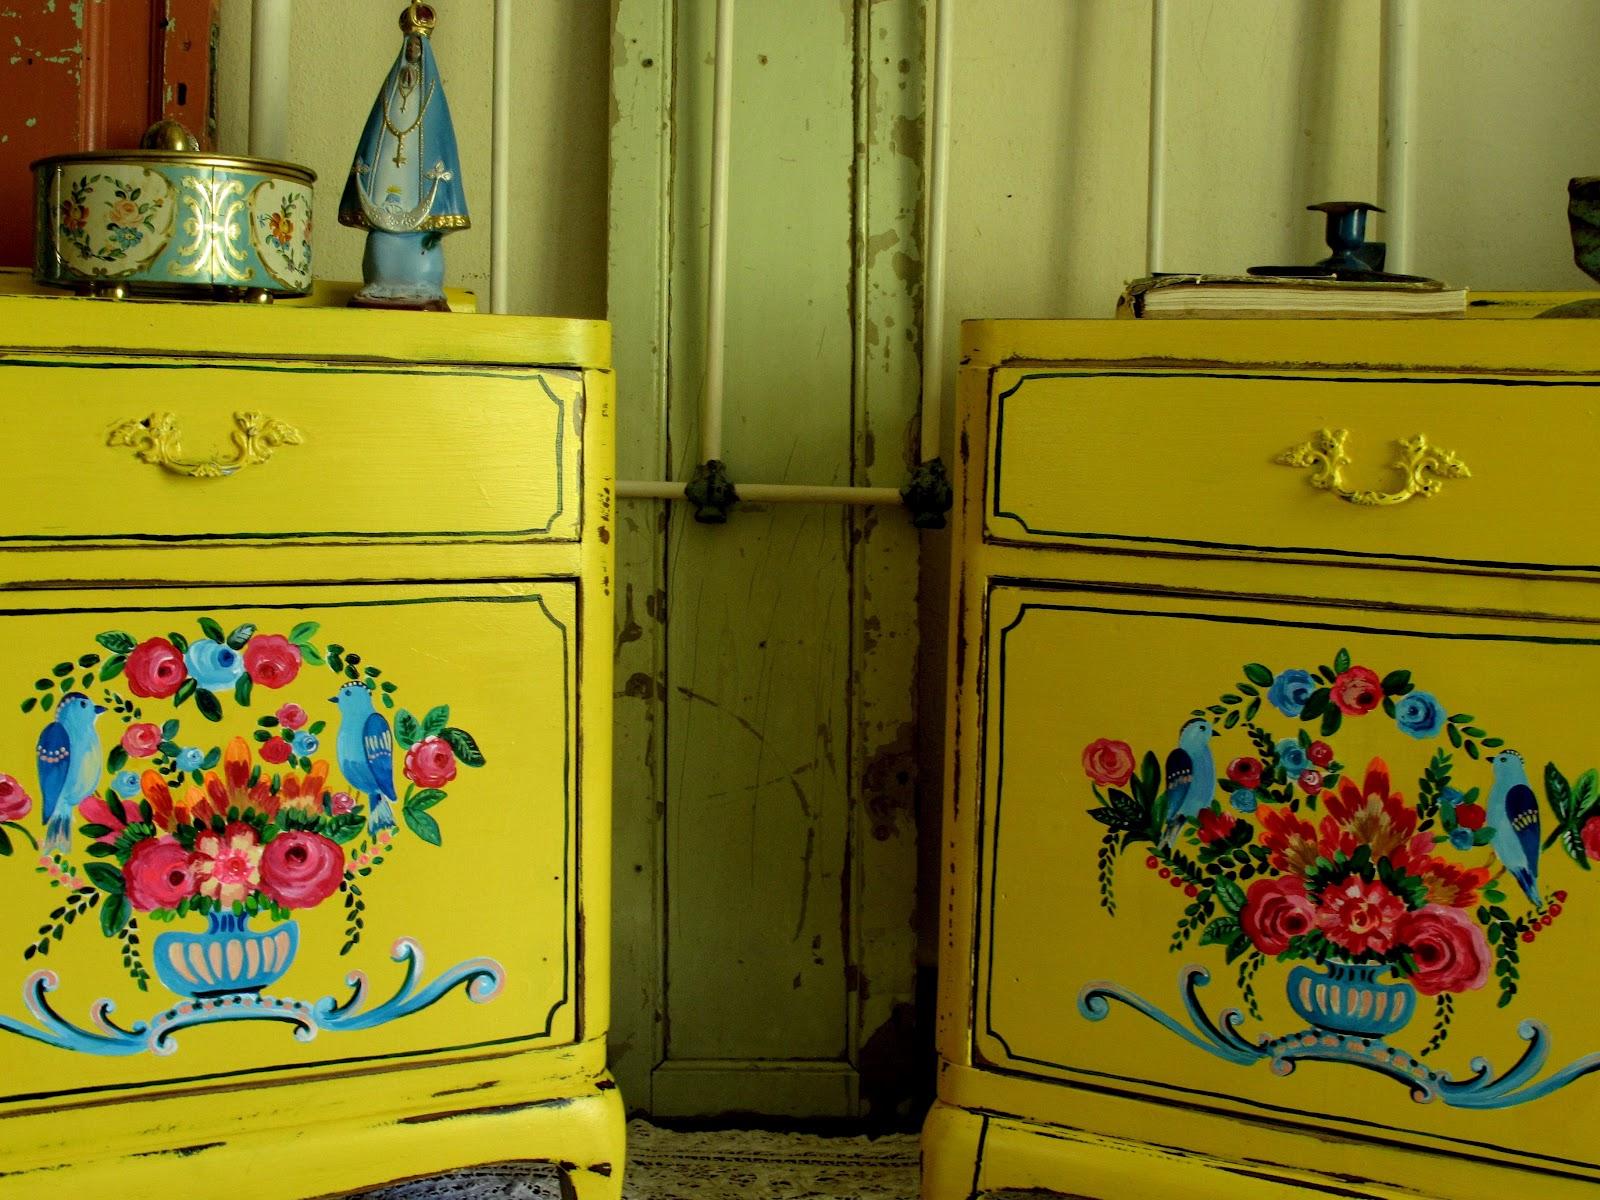 Las vidalas muebles restaurados y pintados - Muebles de mimbre pintados ...